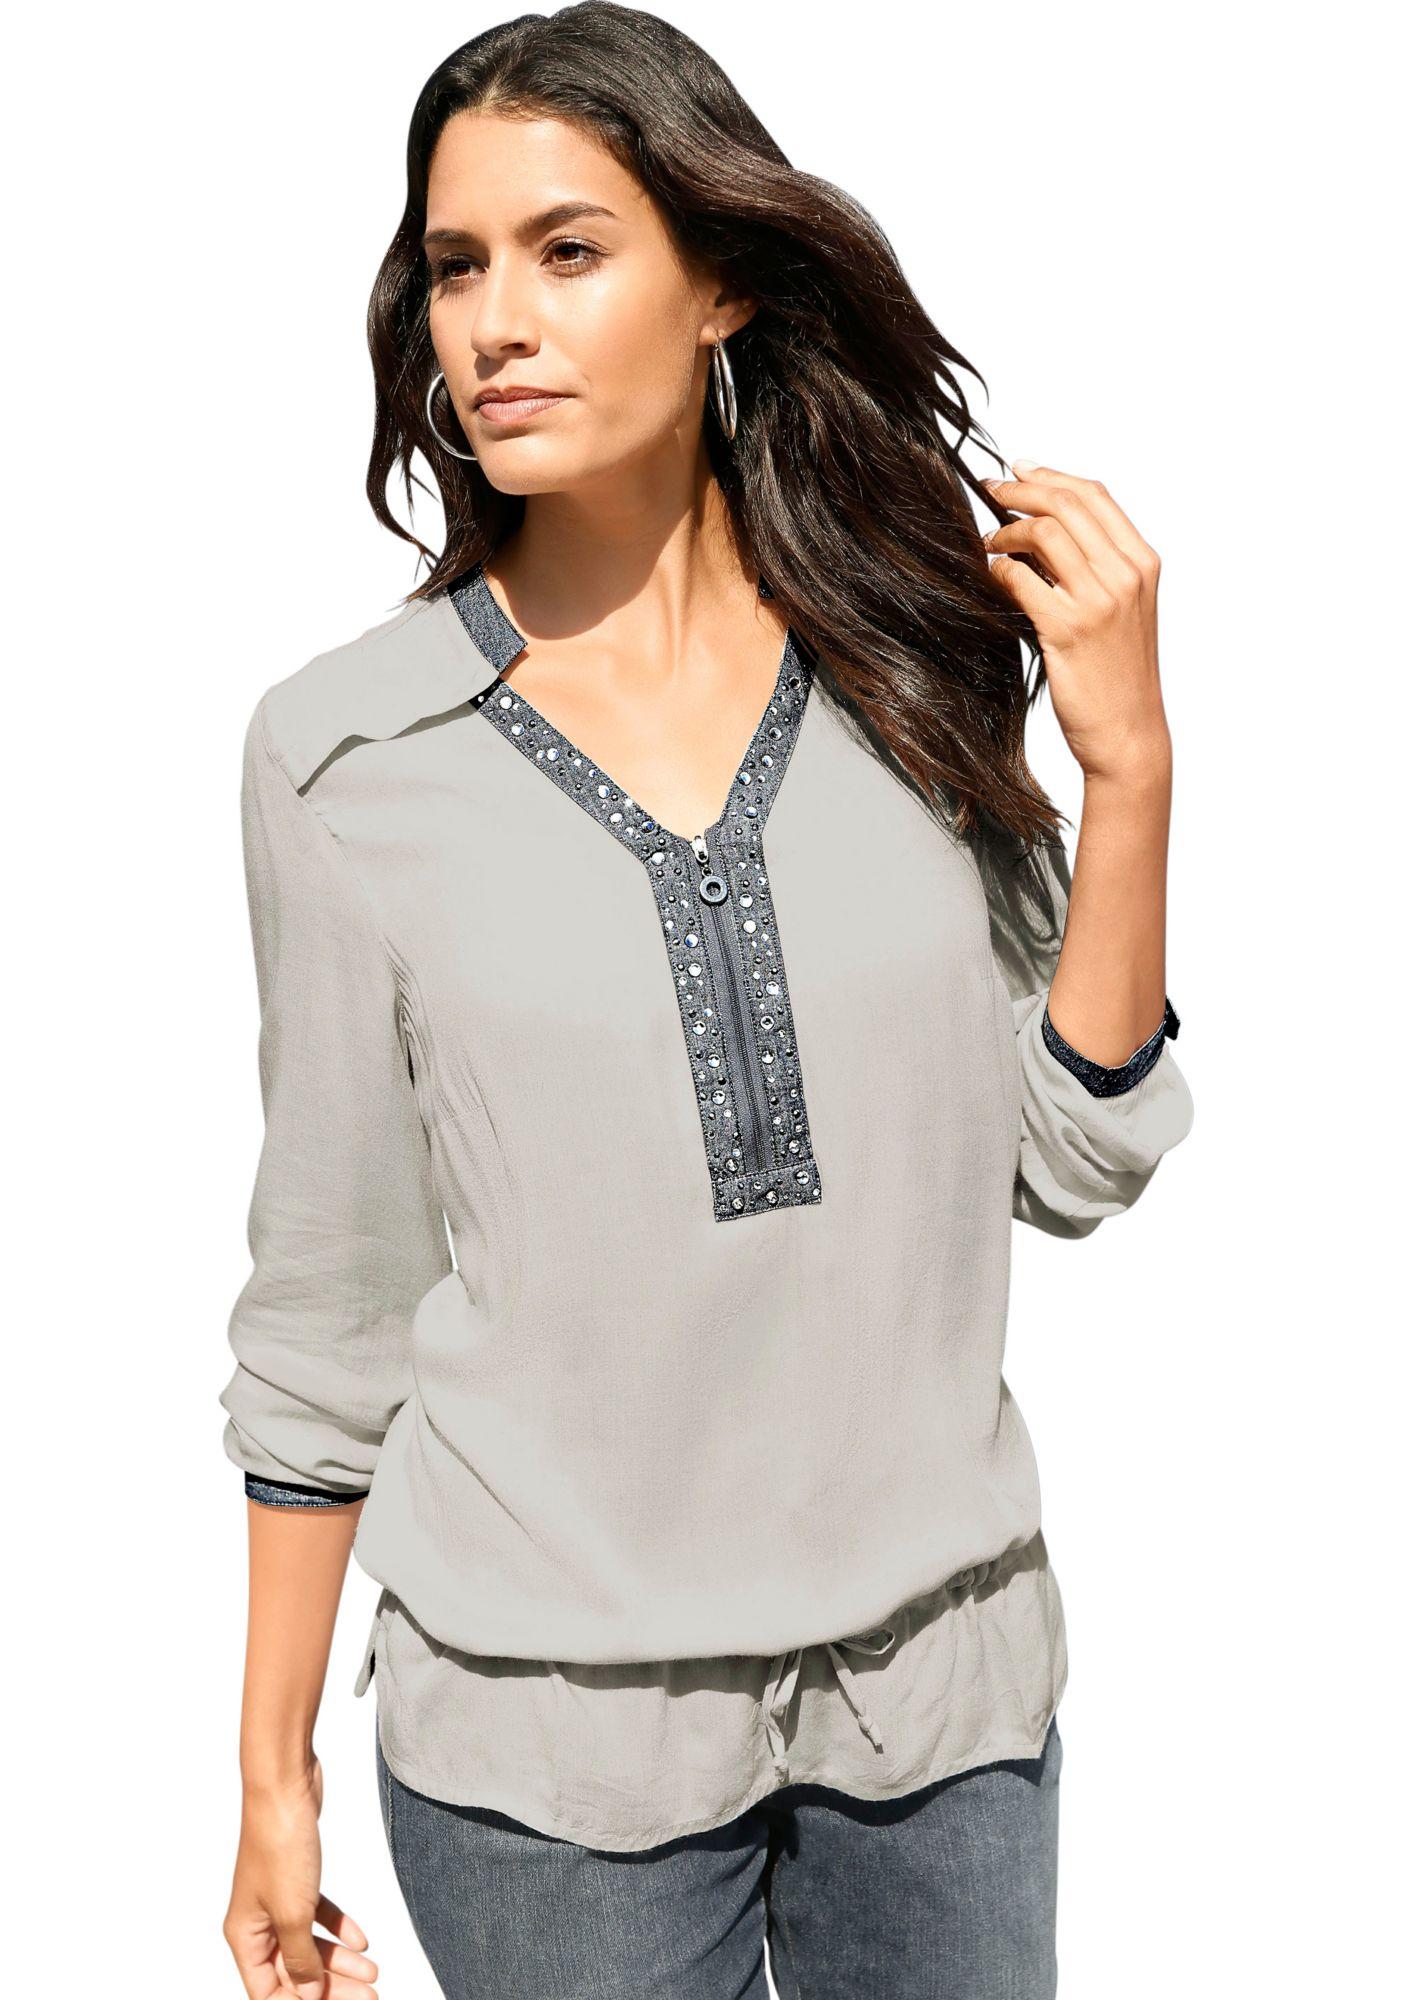 CLASSIC INSPIRATIONEN Classic Inspirationen Bluse in angenehm leichter, fließender Qualität